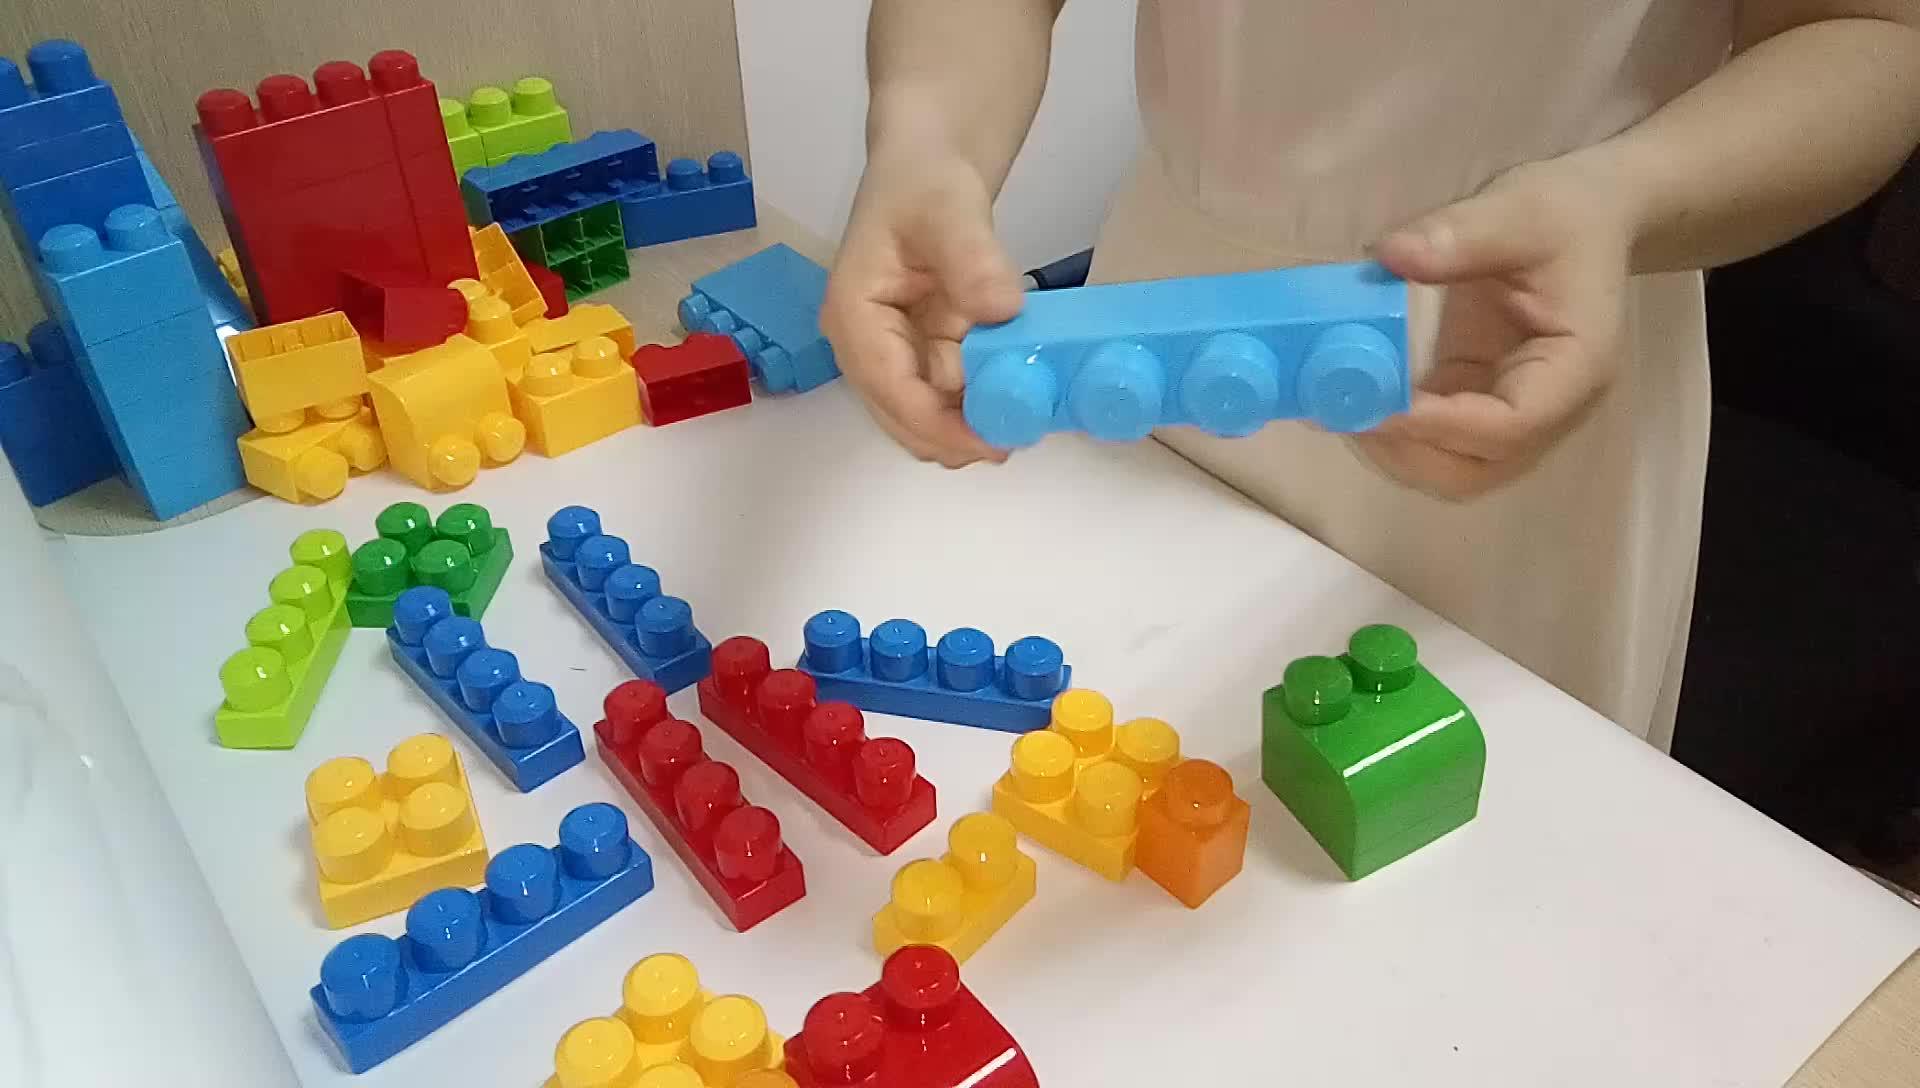 Mega Classic Plastic Building Blocks Toys For Kids